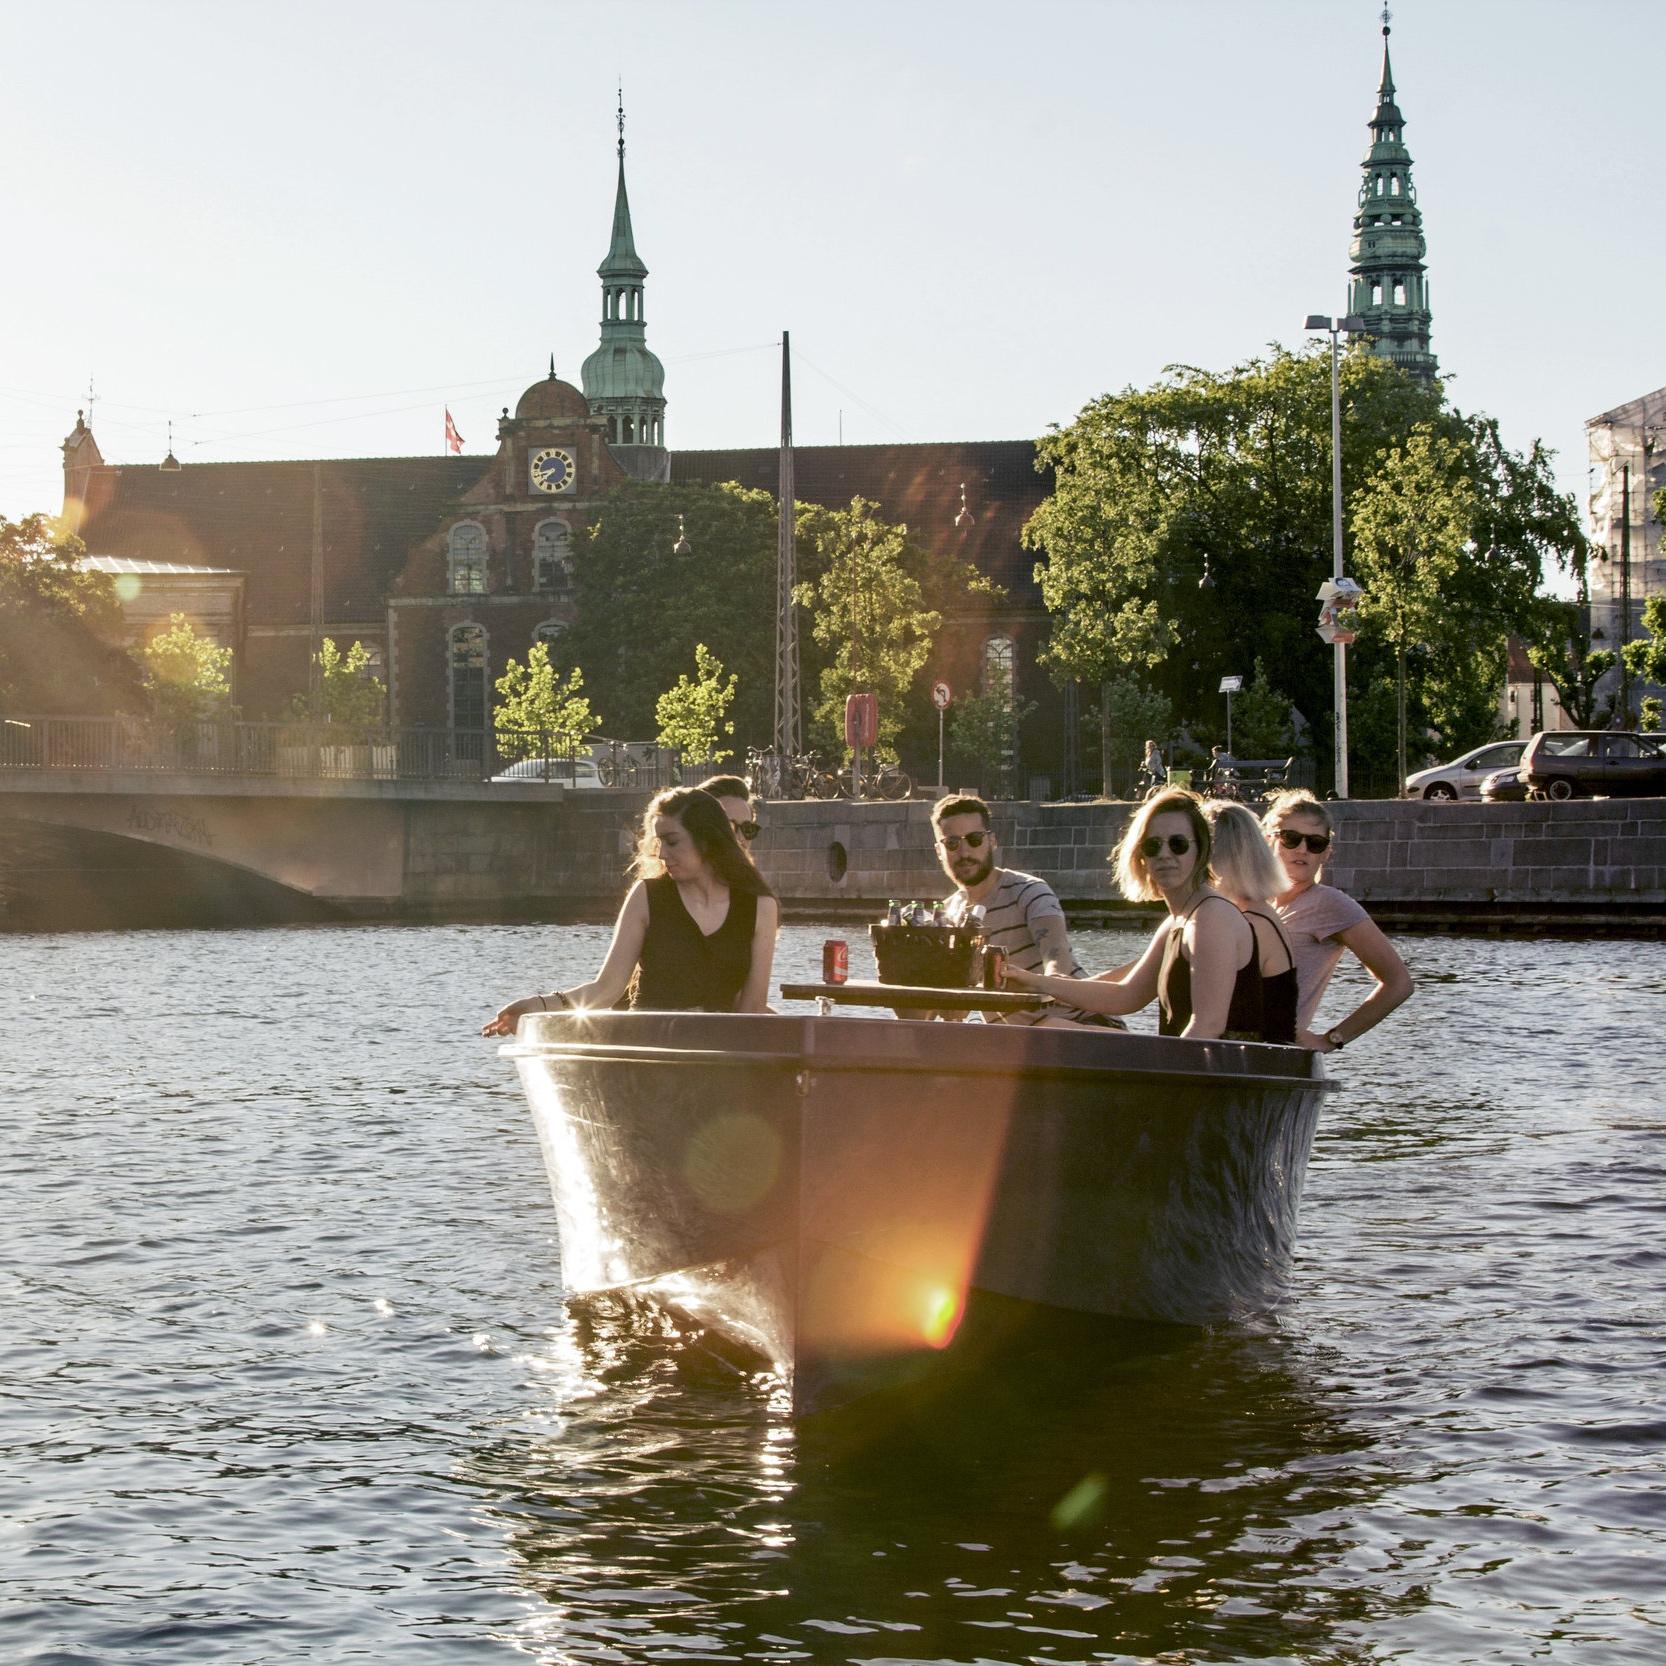 Hvor meget ved I egentlig om København og hovedstadens smukke kanaler? Vi har samlet alt det bedste i et smuk og veltilrettelagt GPS-løb på vandet. Inddelt i hold og udstyret med jeres egen private båd, har I til opgave at samarbejde om at løse de forskellige og sjove udfordringer i møder, når I navigere rundt i de smukke gamle kanaler. Sjov og hyggelig teambuilding konkurrence på vandet. -